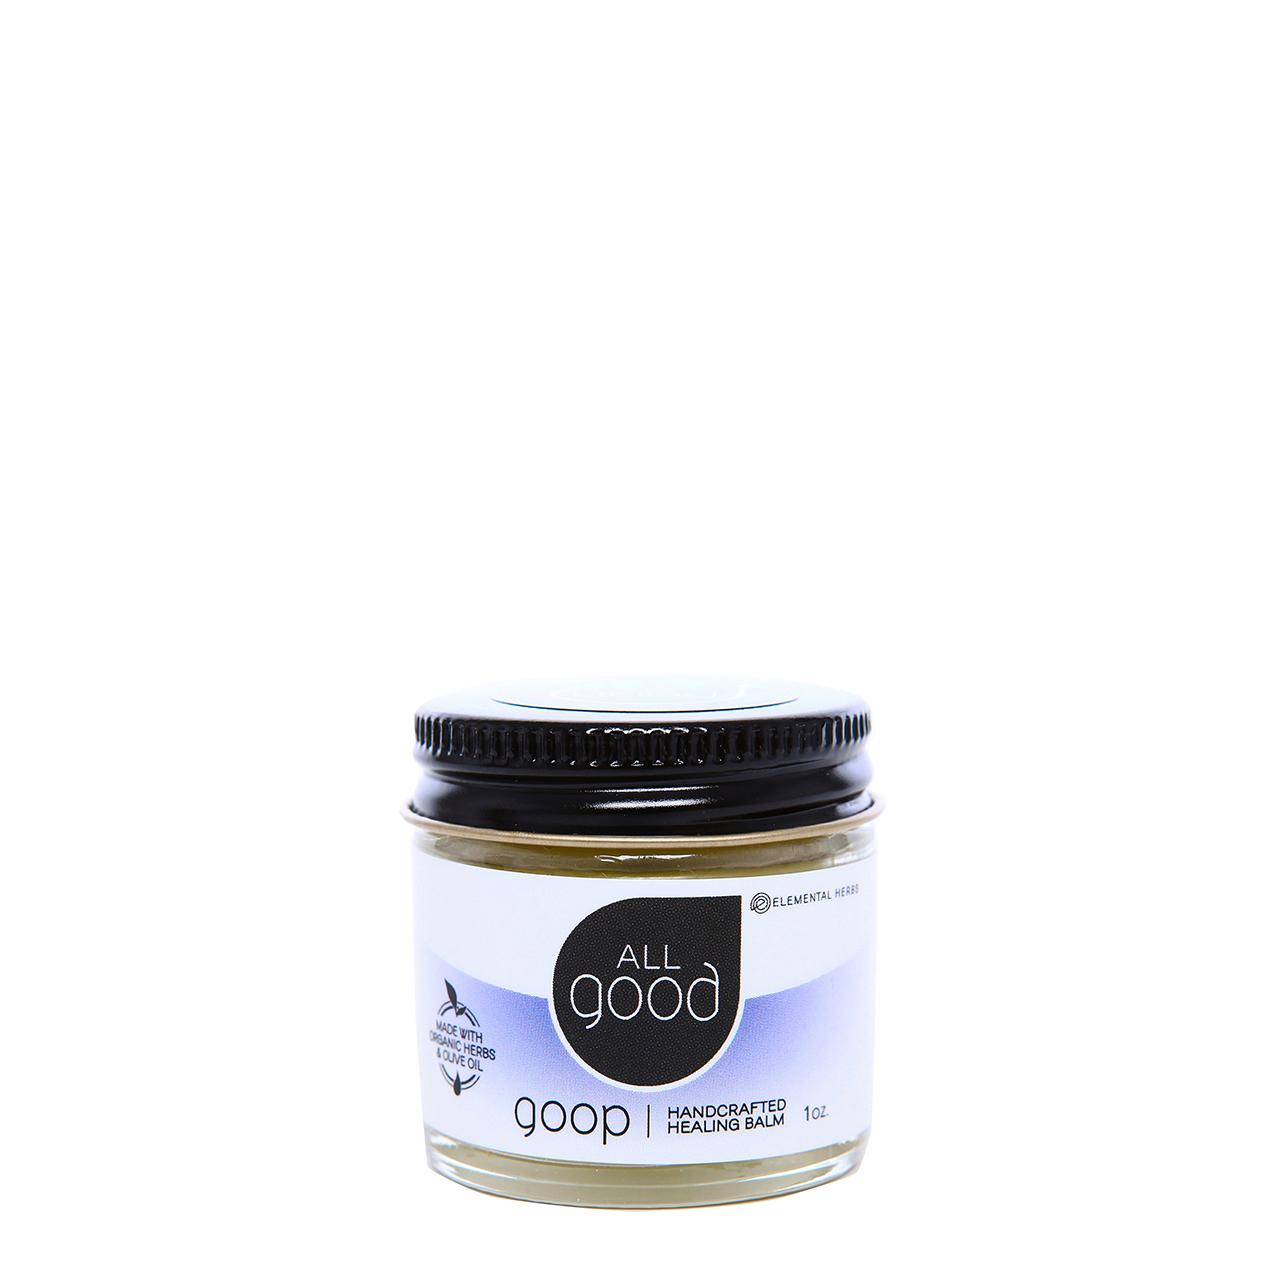 Organic Healing Balm 1oz